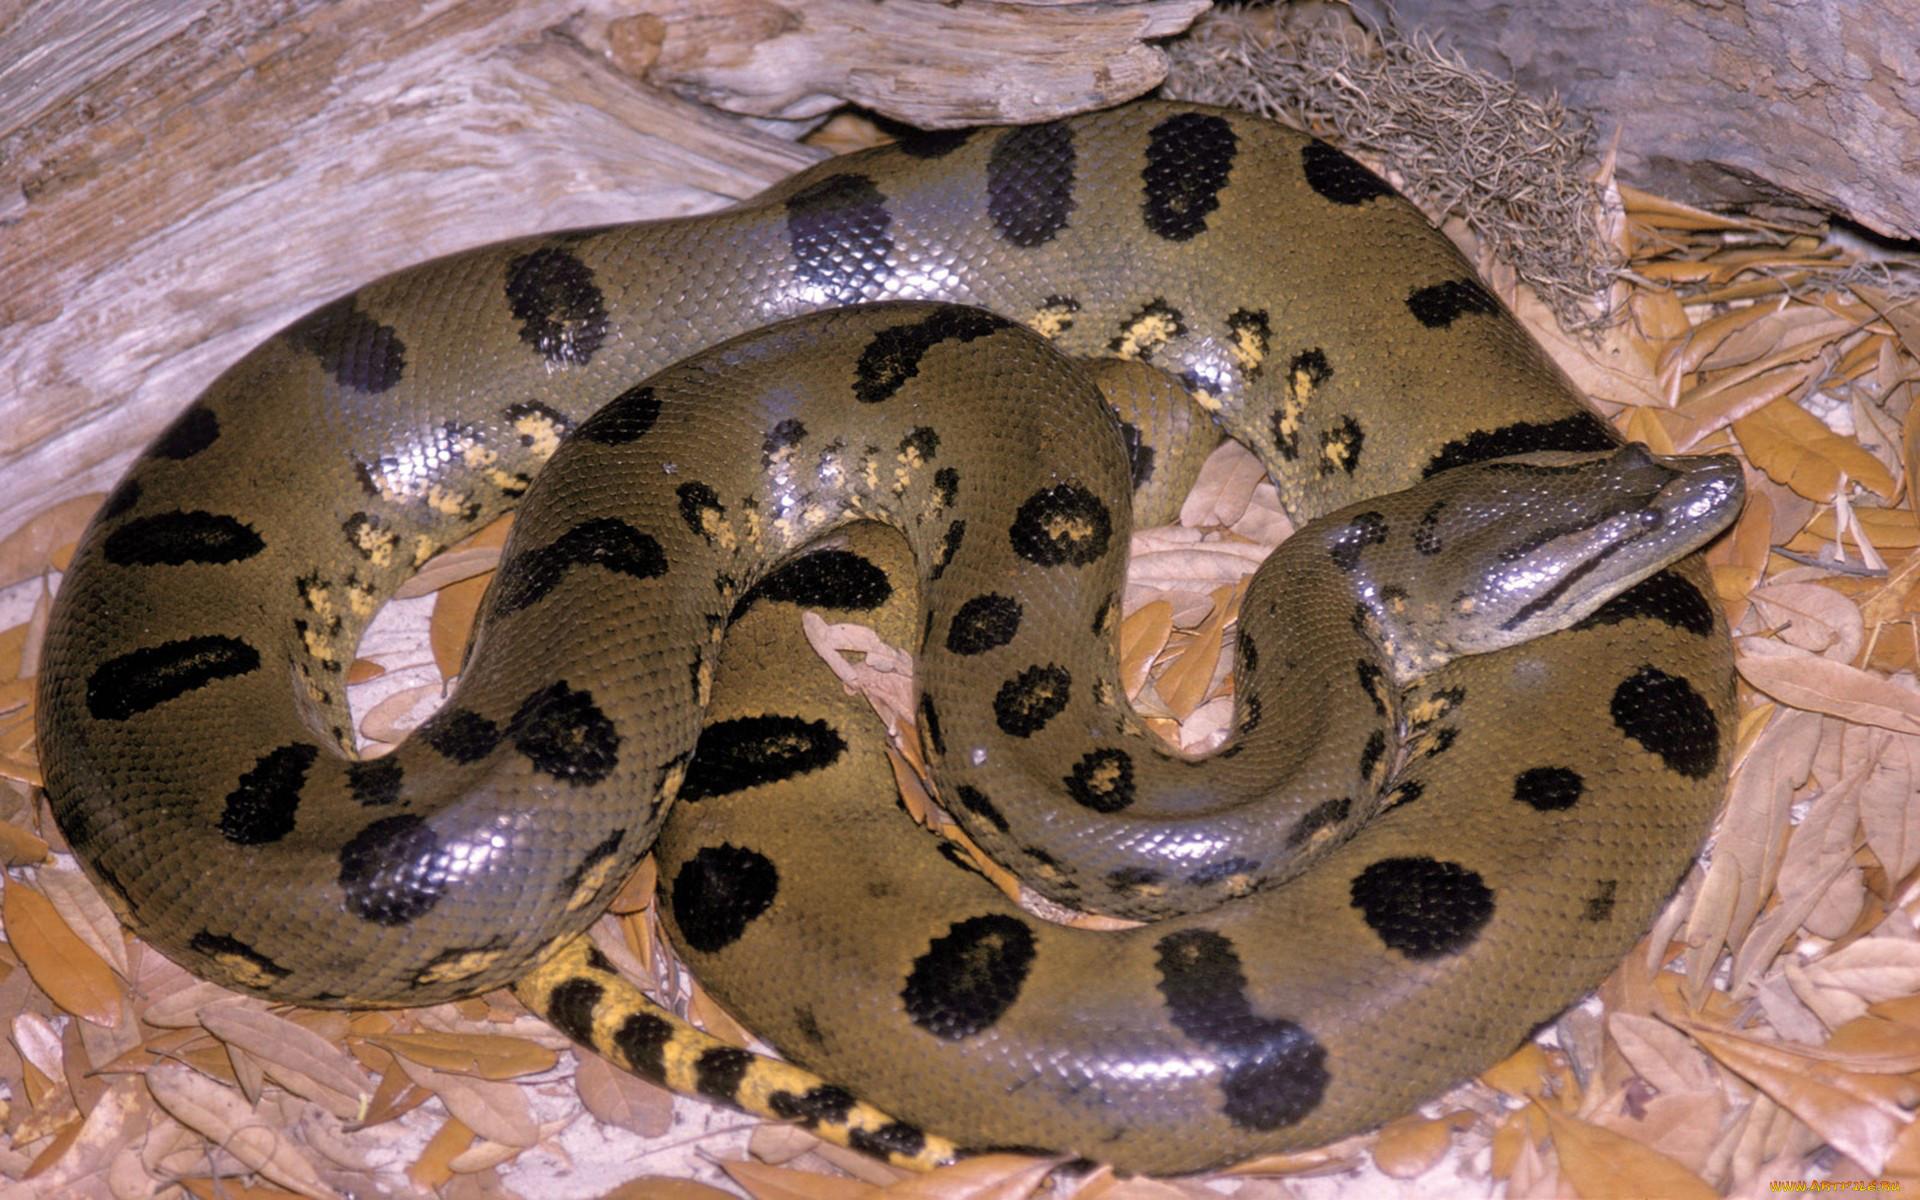 защитный картинки длинная змея светодиодной лентой, спрятанной